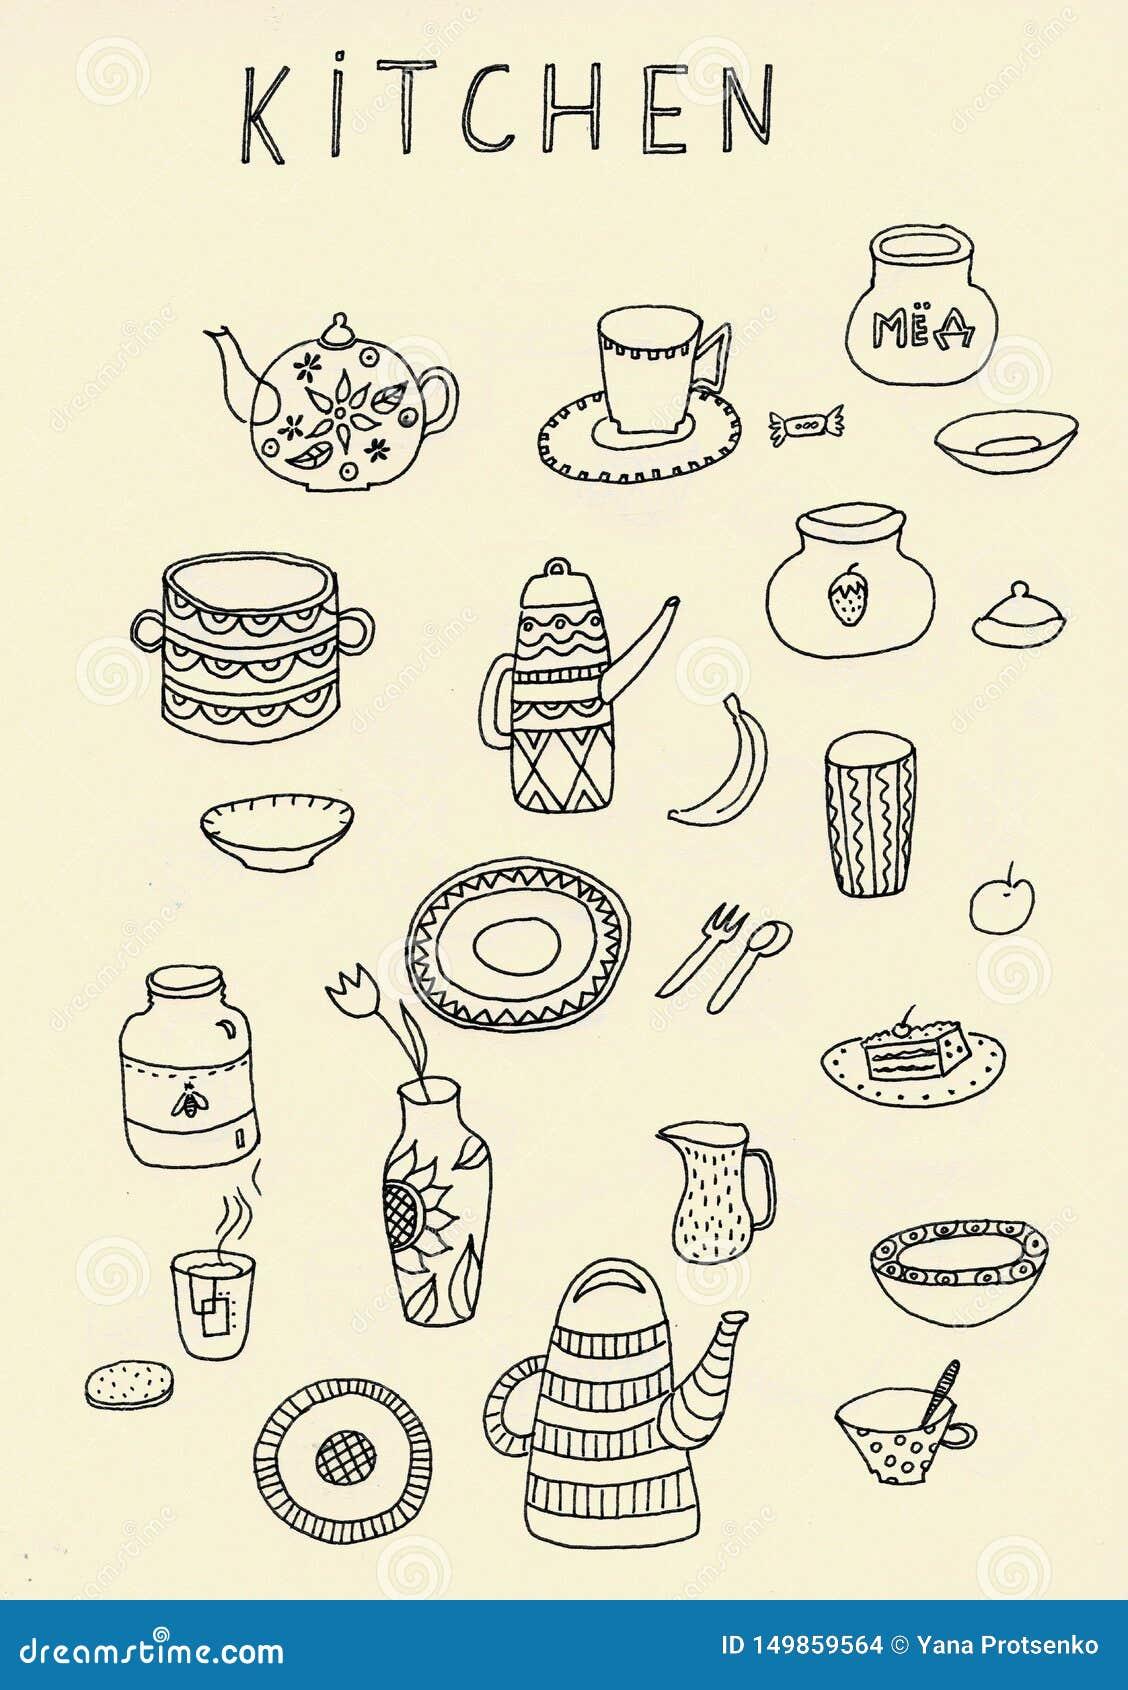 Σύνολο περίληψης εργαλείων κουζινών doodle στο Μαύρο που απομονώνεται πέρα από το άσπρο υπόβαθρο